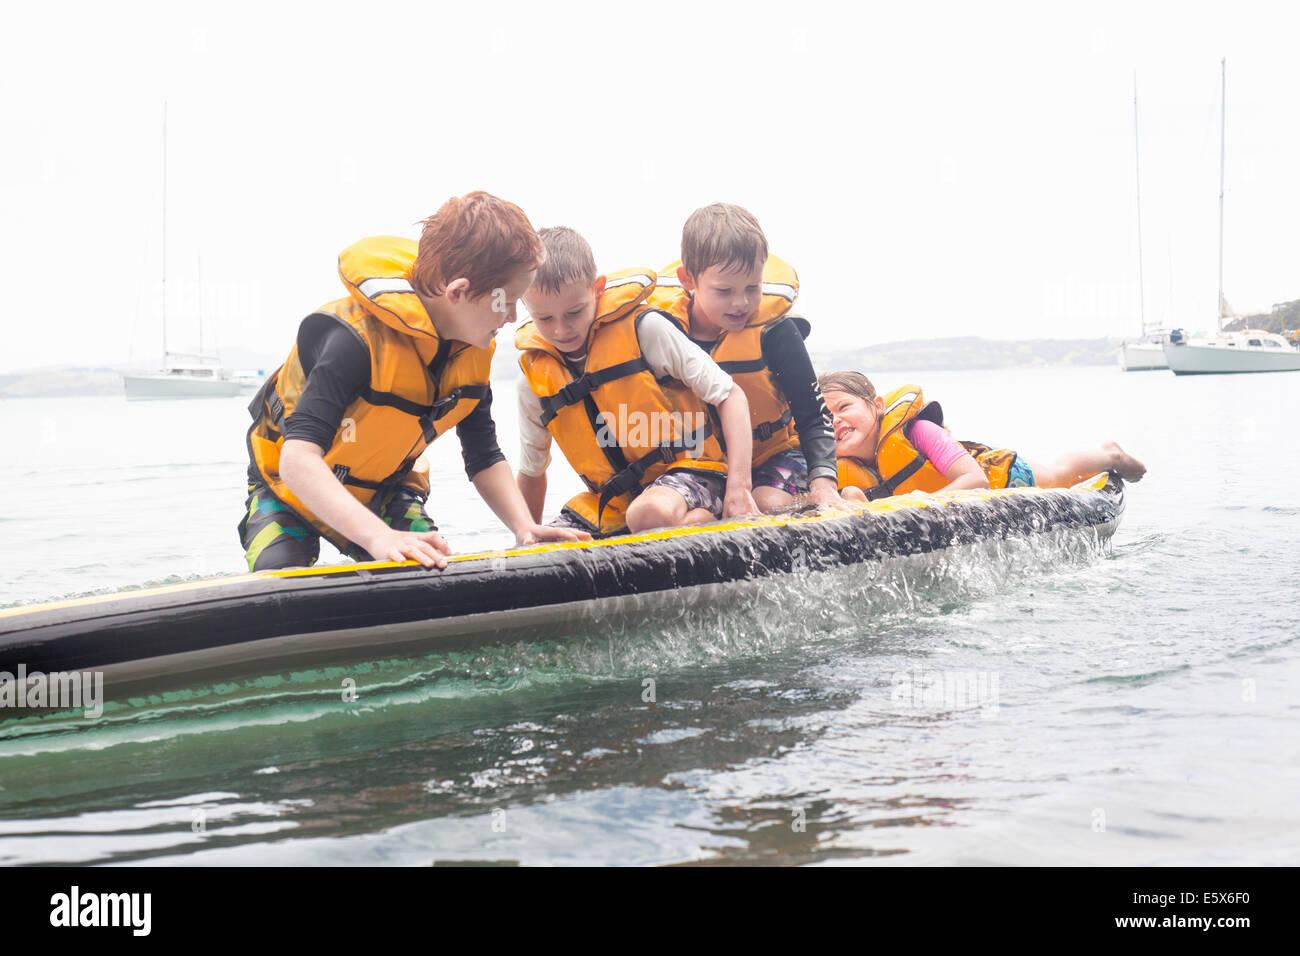 Frères et soeur à propos de tomber de paddleboard dans la mer Photo Stock